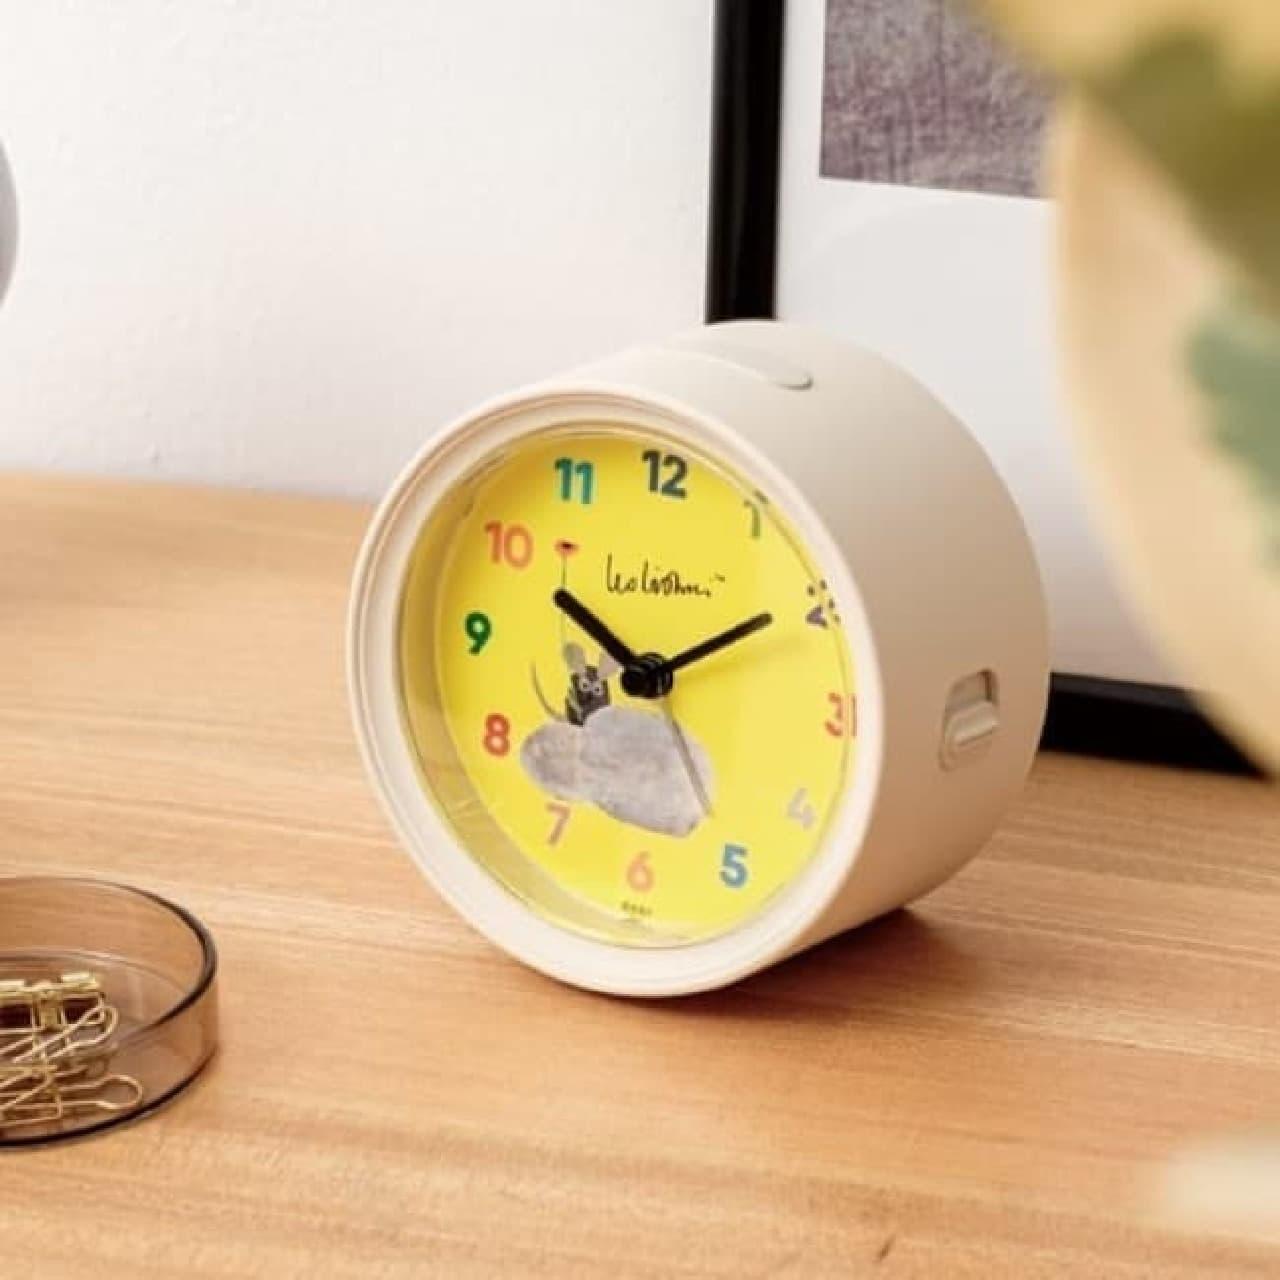 「はらぺこあおむし」置時計がヴィレヴァンに -- レオ・レオニ「フレデリック」も